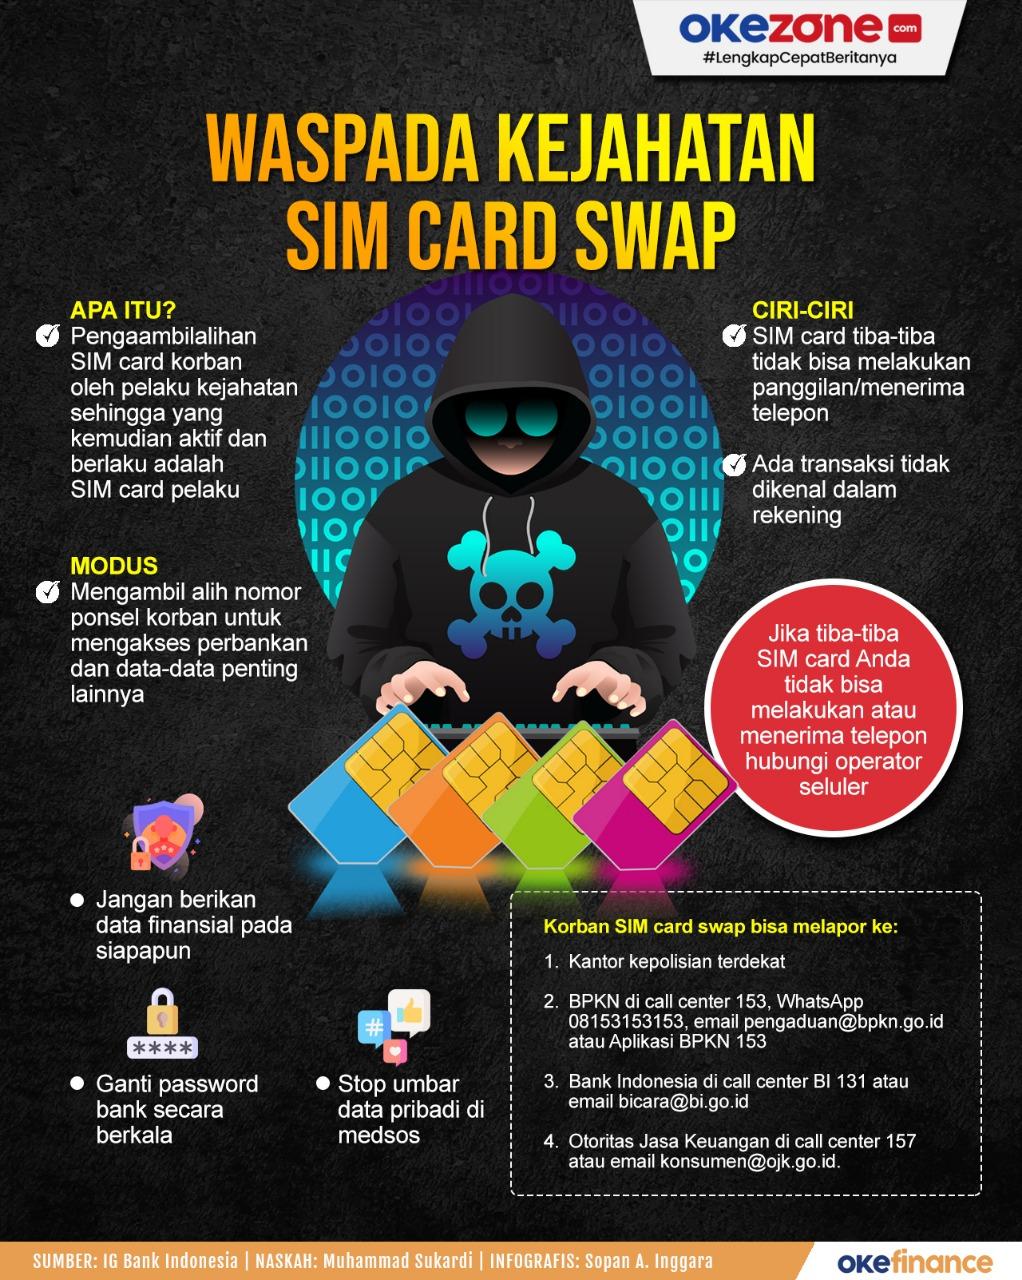 Waspada Kejahatan SIM Card Swap -